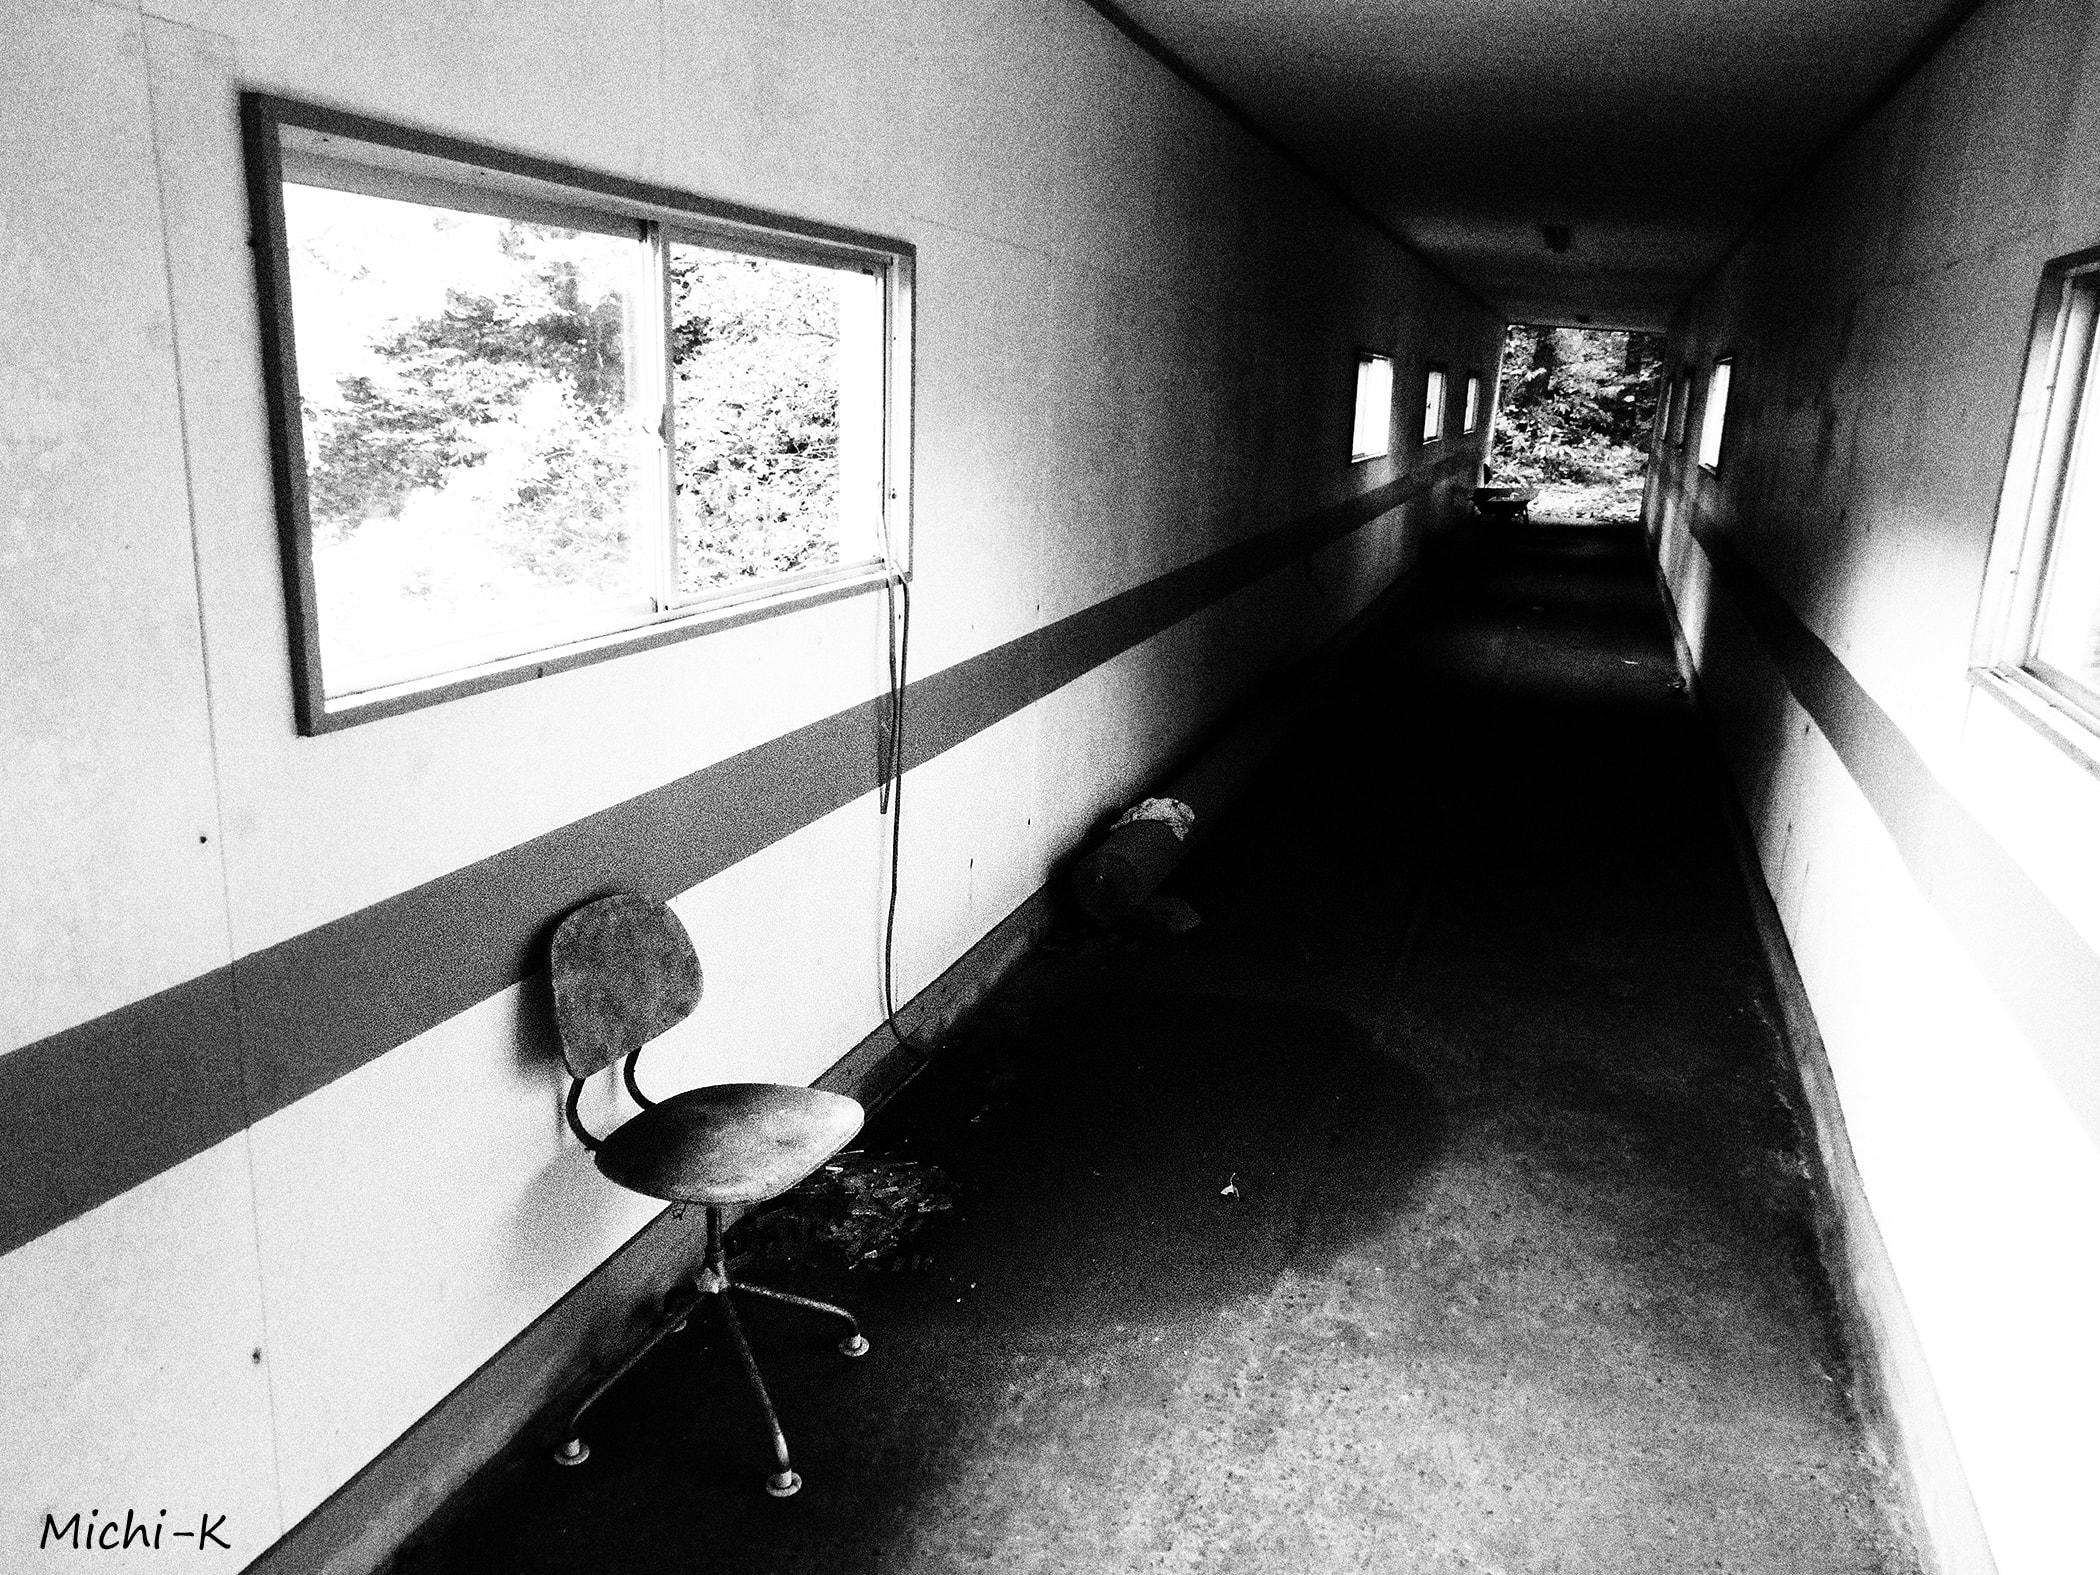 高屋駅(モノクロ写真その4)